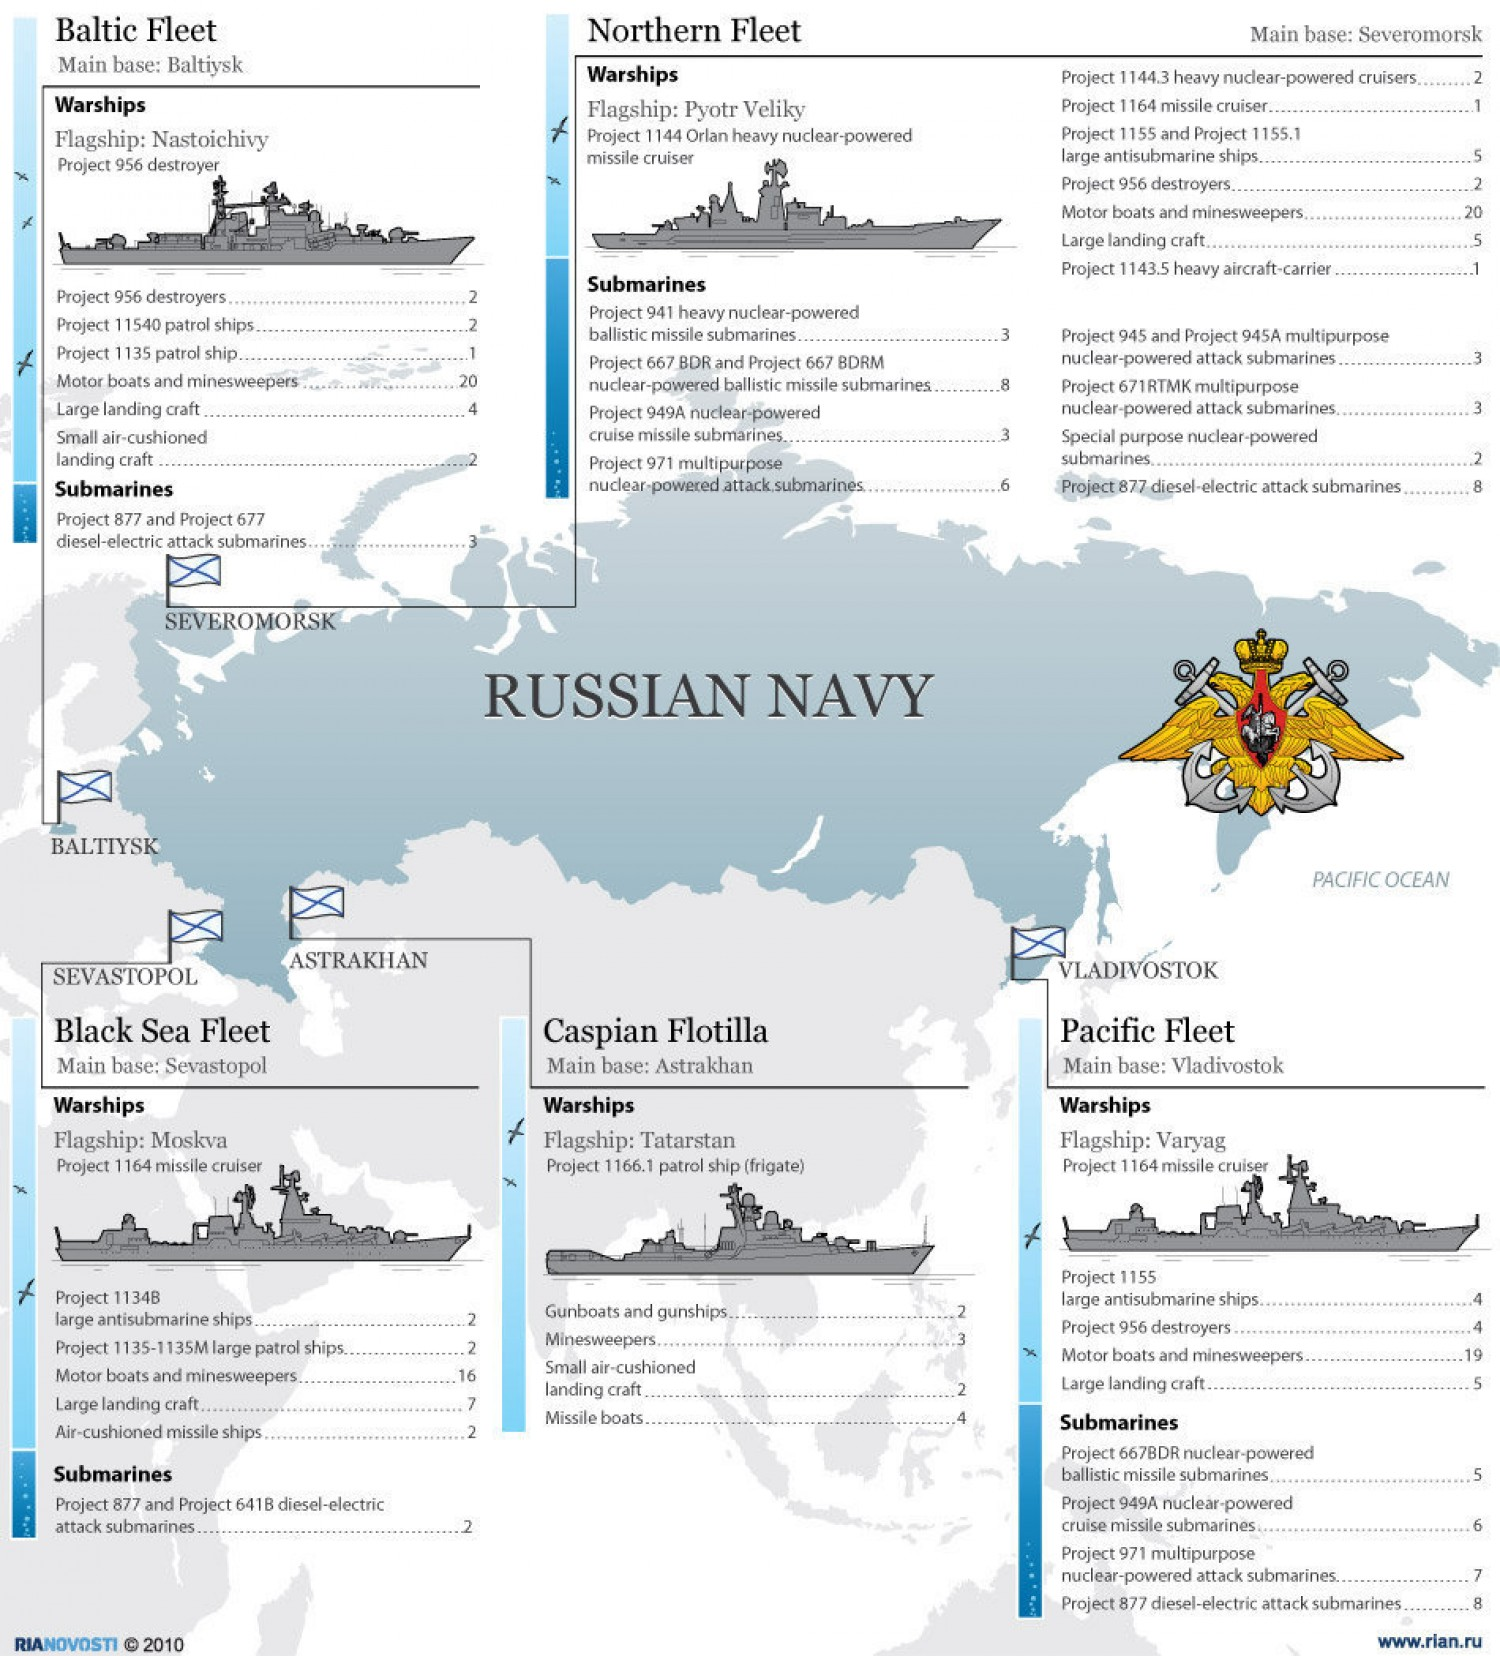 القوة البحرية الروسية تحديث الأسلحة والقواعد وتعزيز الانتشار Russian-navy_502913ef5a2d4_w1500